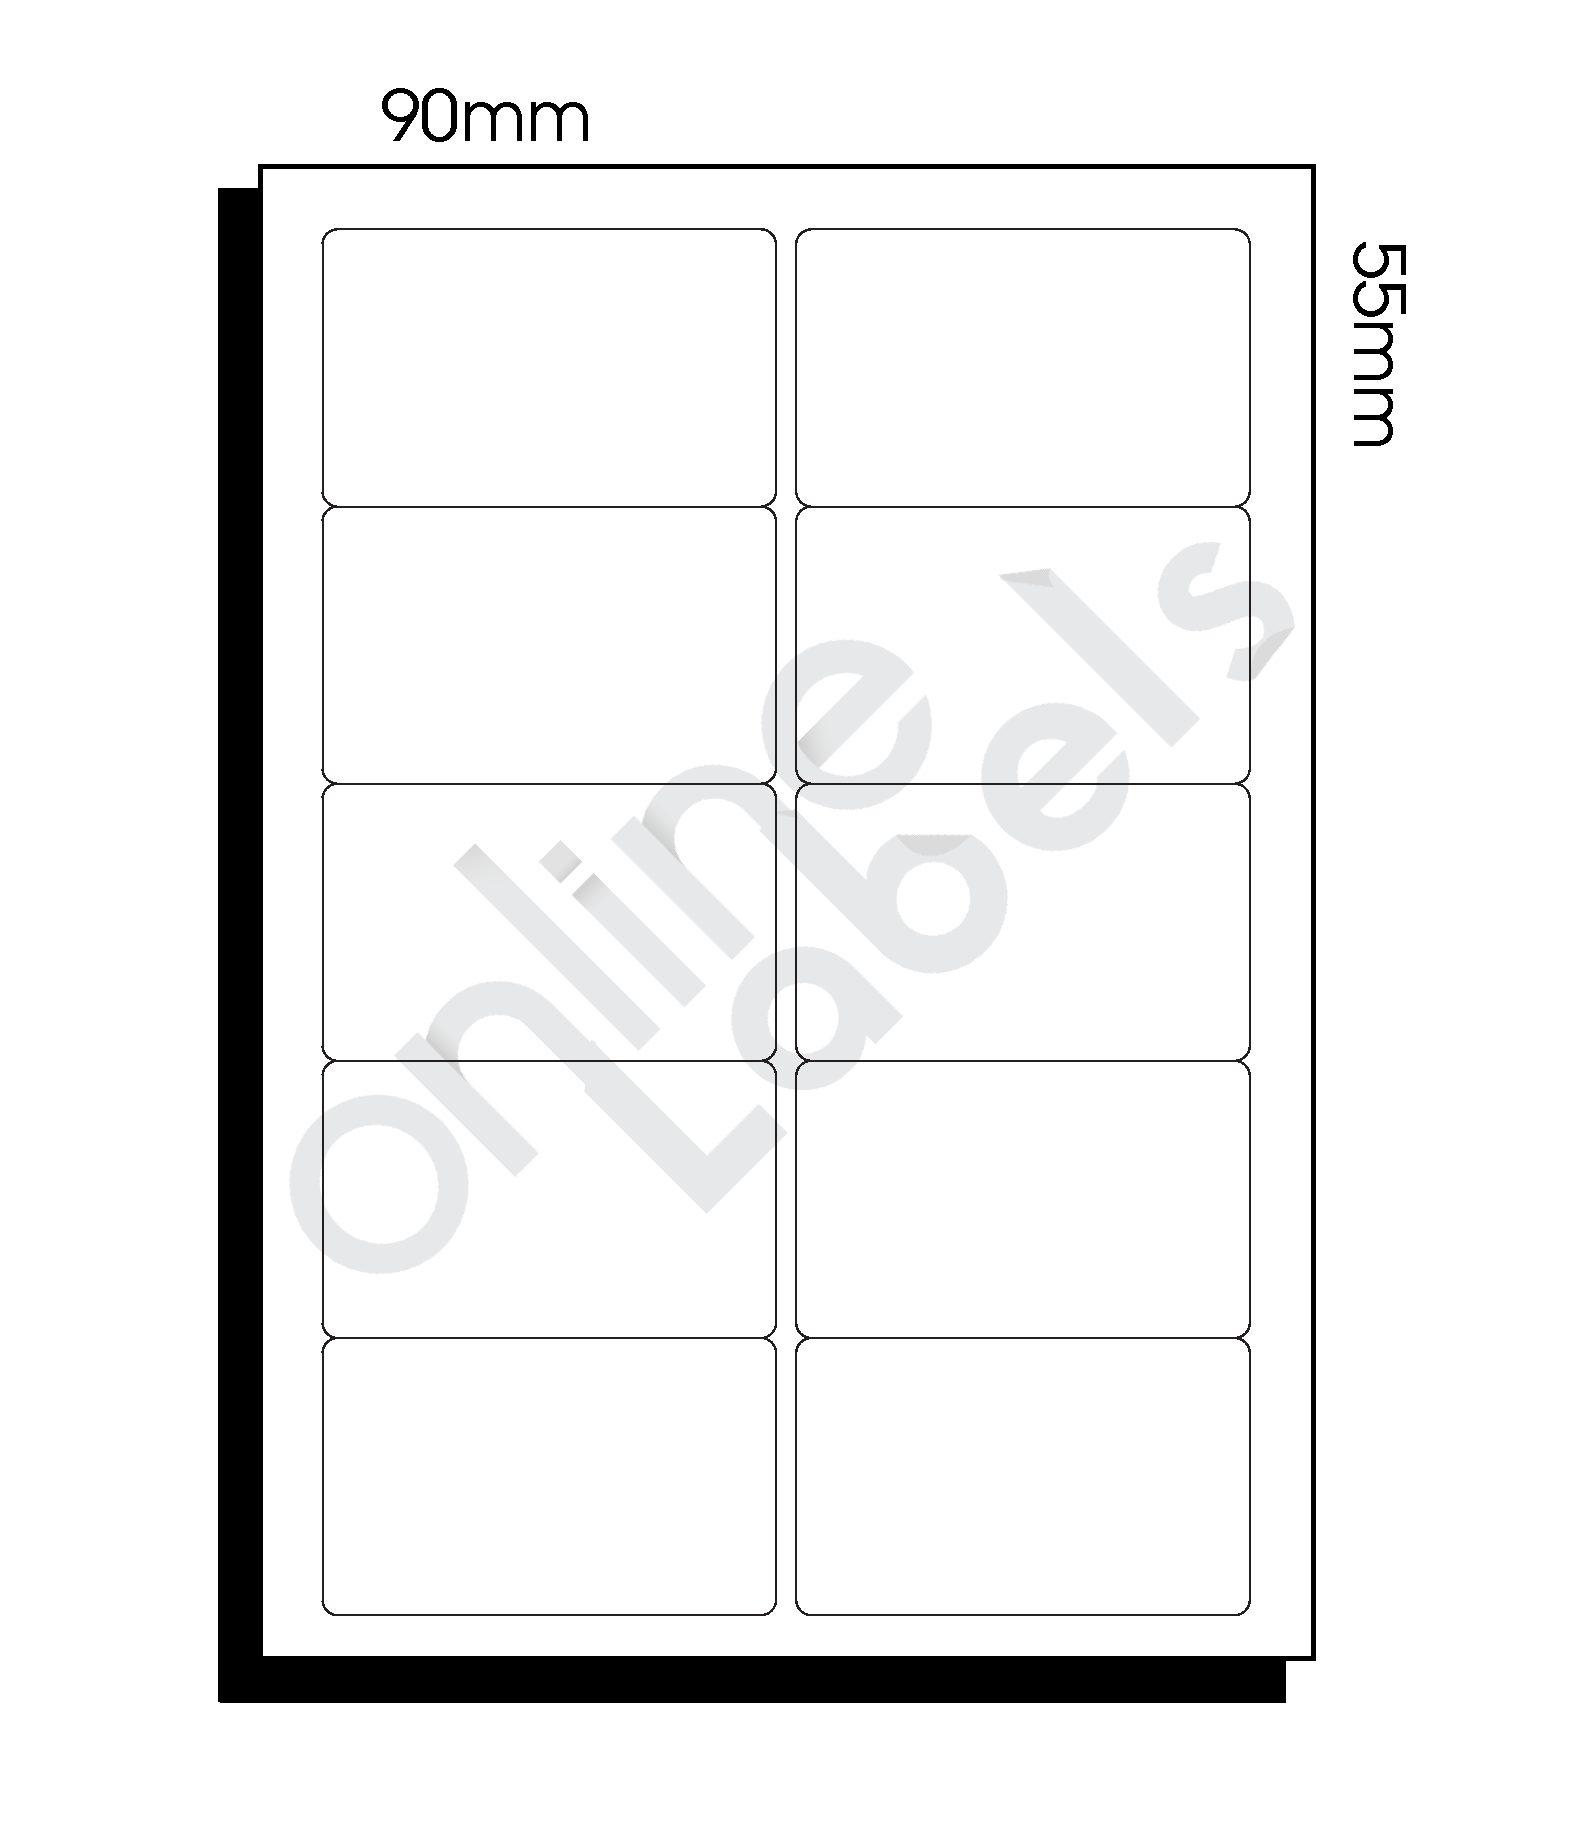 90mm x 55mm – 10 Labels per Sheet